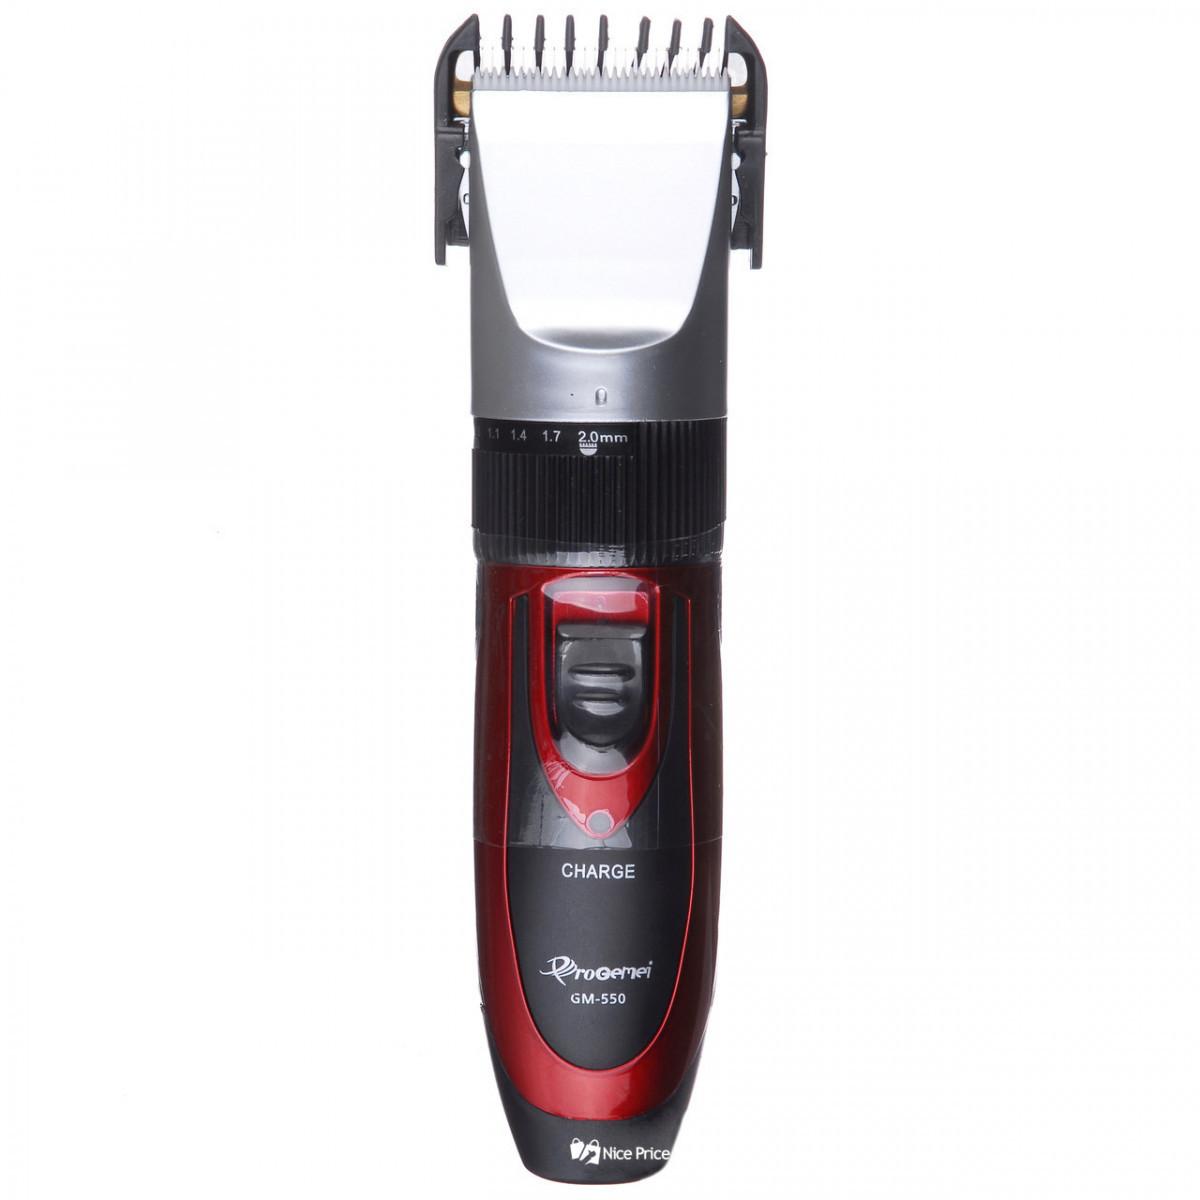 Беспроводная машинка для стрижки волос с двумя аккумуляторами Gemei GM 550 #S/O